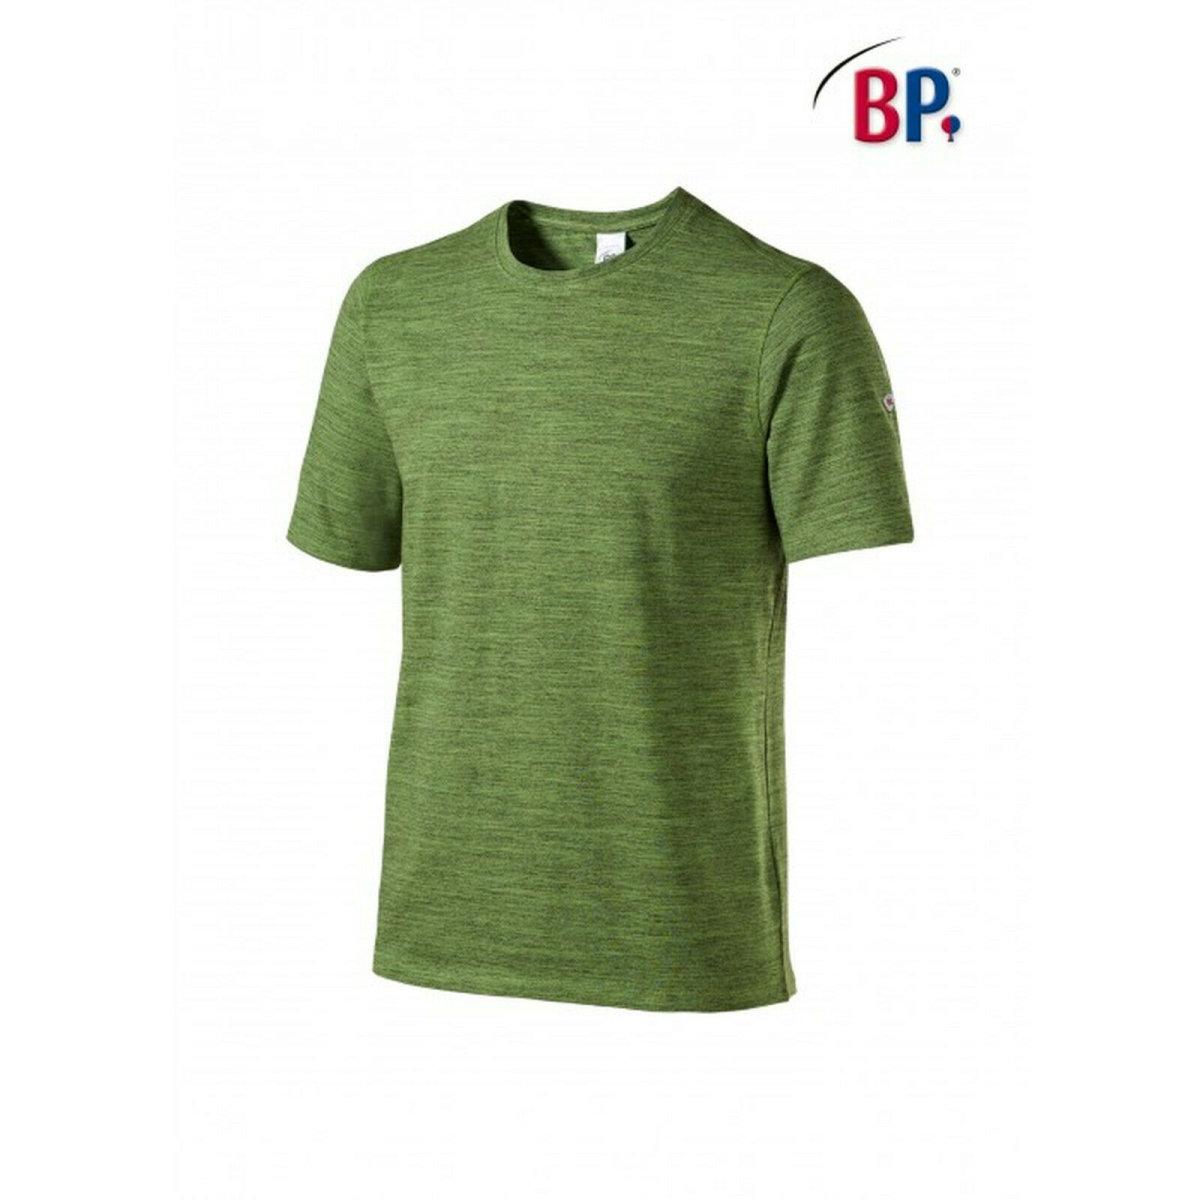 BP Workwear T-Shirt für Sie & Ihn 1714 space new green modern fit Shirt Stretch 2XL